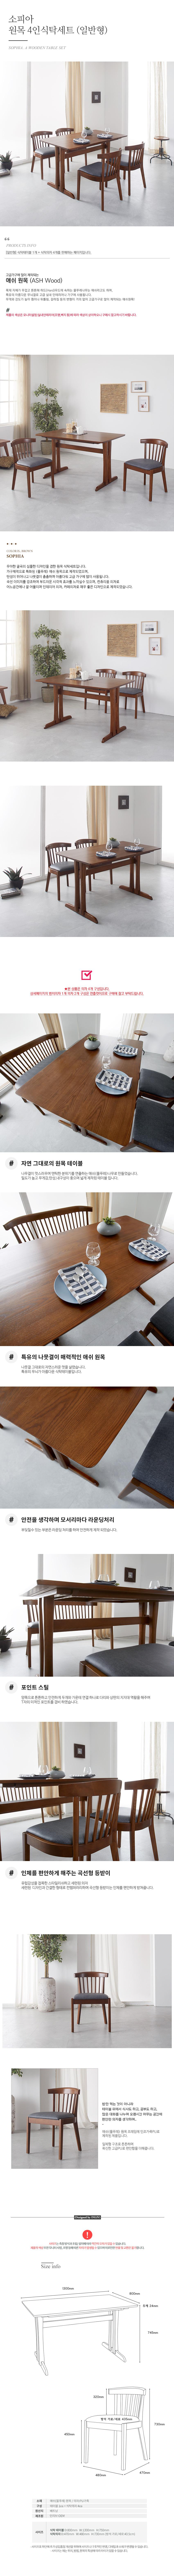 식탁세트,4인용식탁,벤치형식탁,식탁